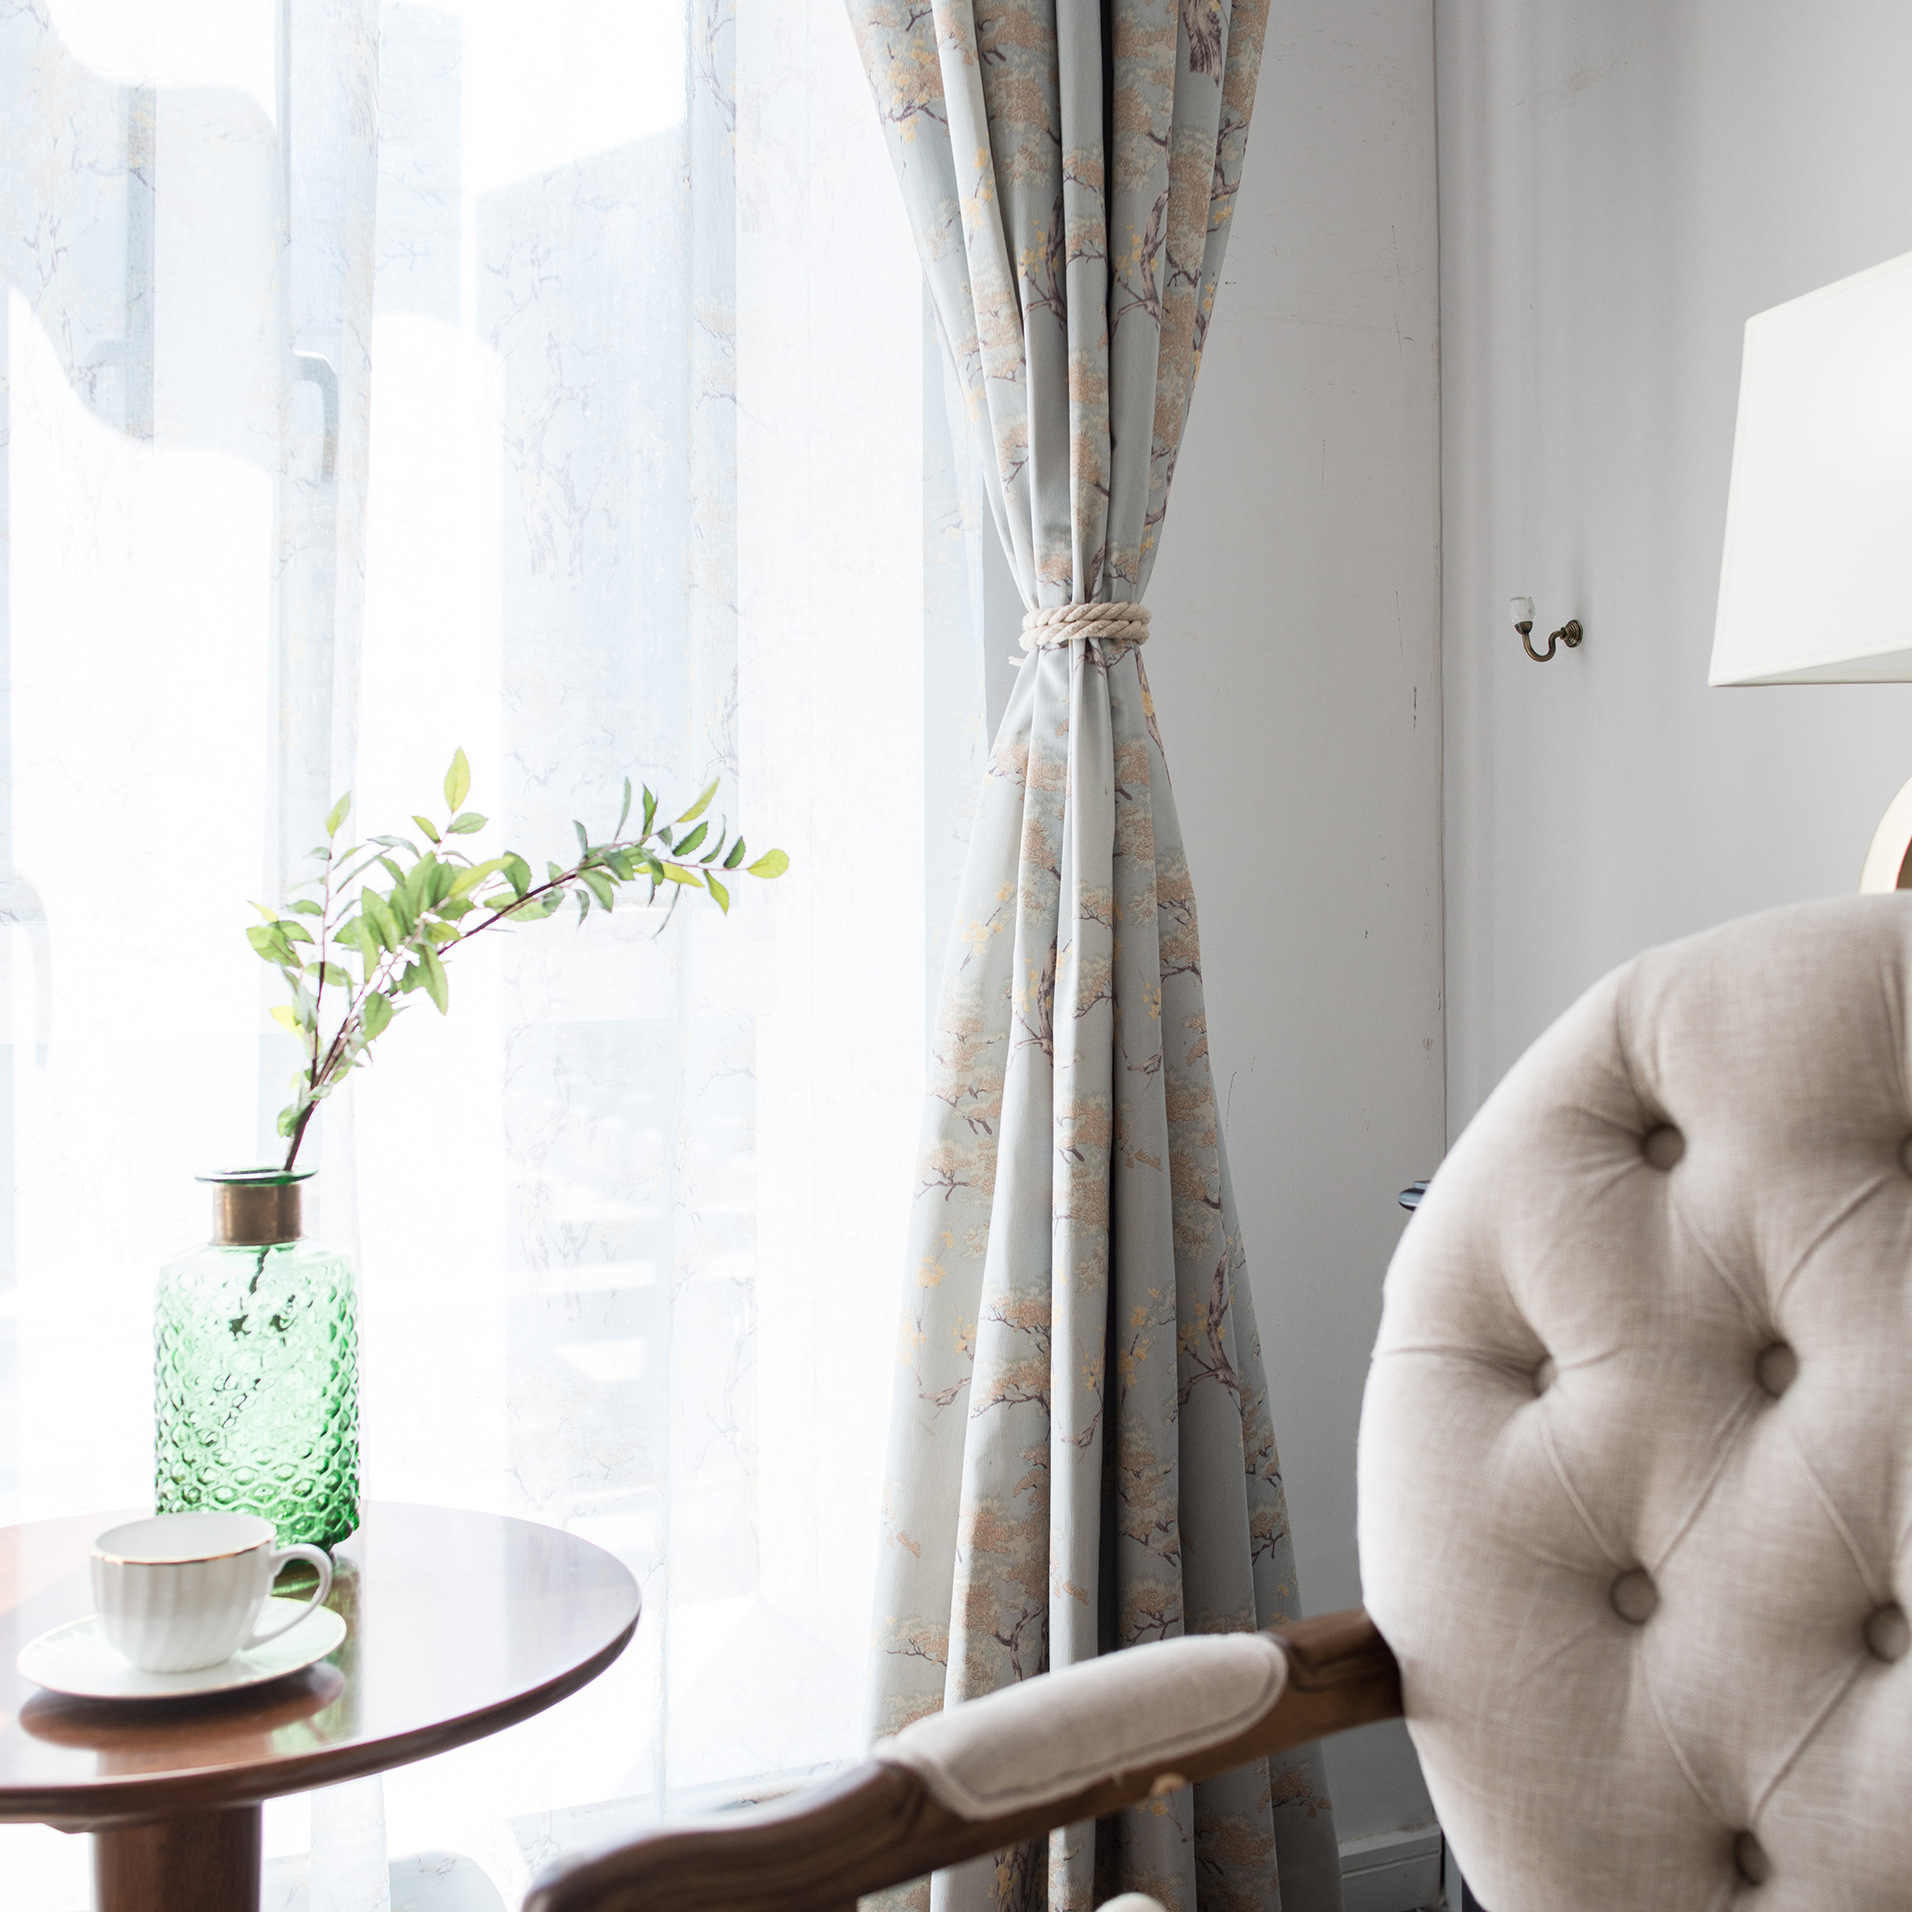 Slow Soul синий кофе Импрессионизм современный китайский занавес Простые занавески для французского окна для гостиной спальни кухни Цветочные